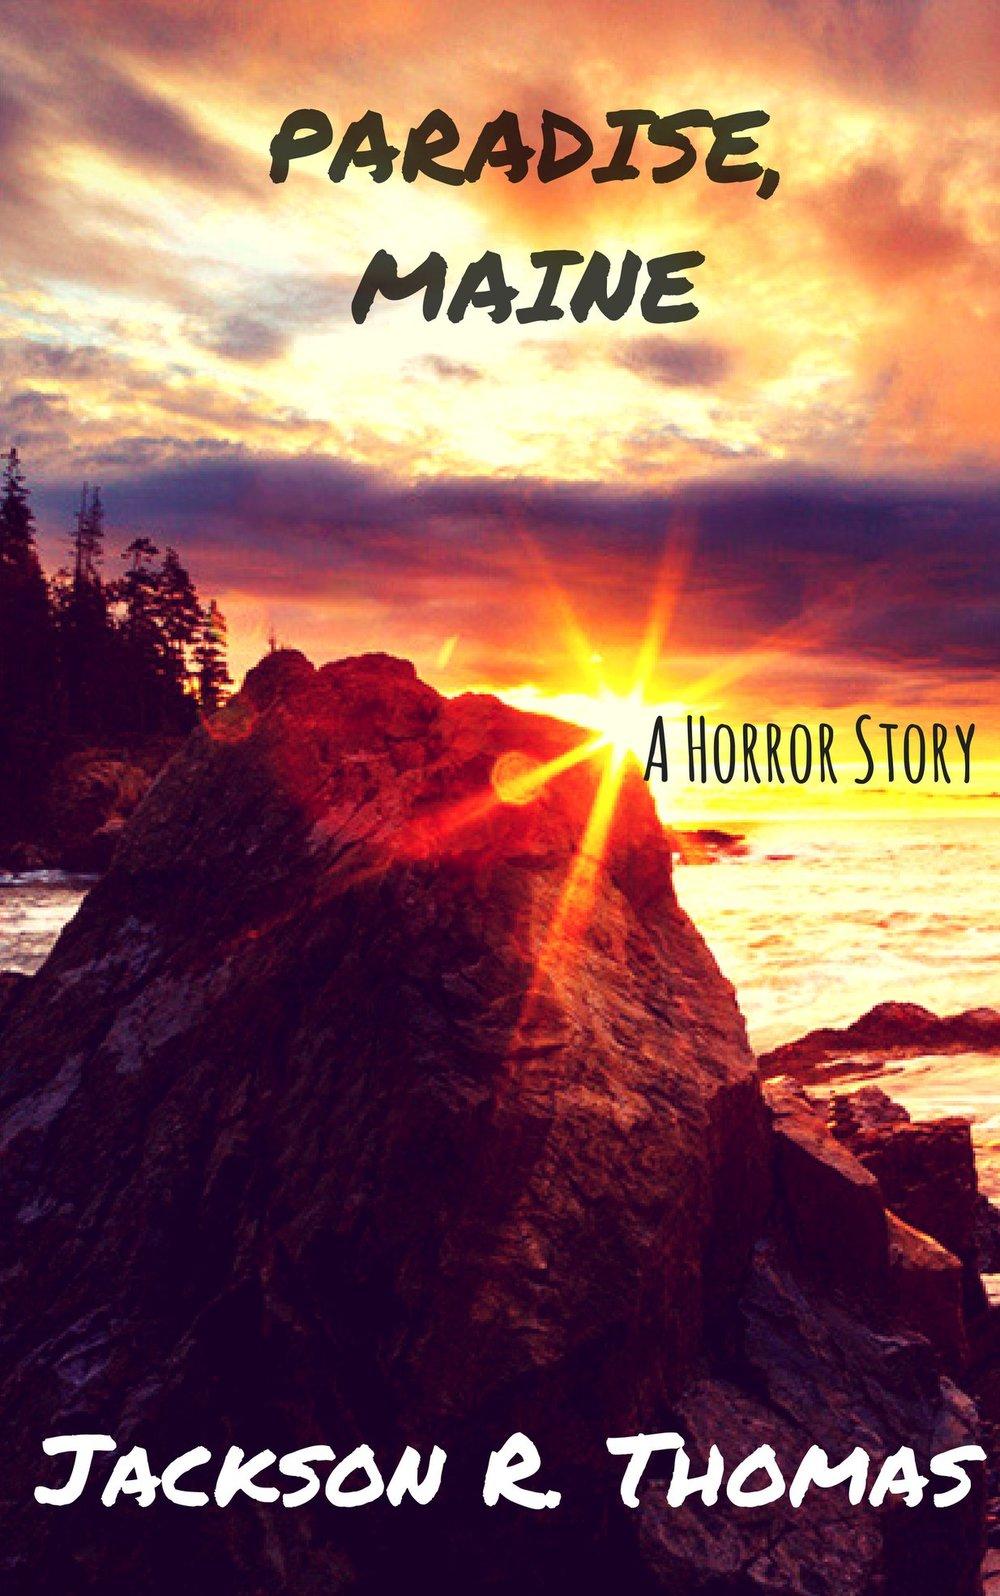 Paradise Maine_Jackson R Thomas.jpg